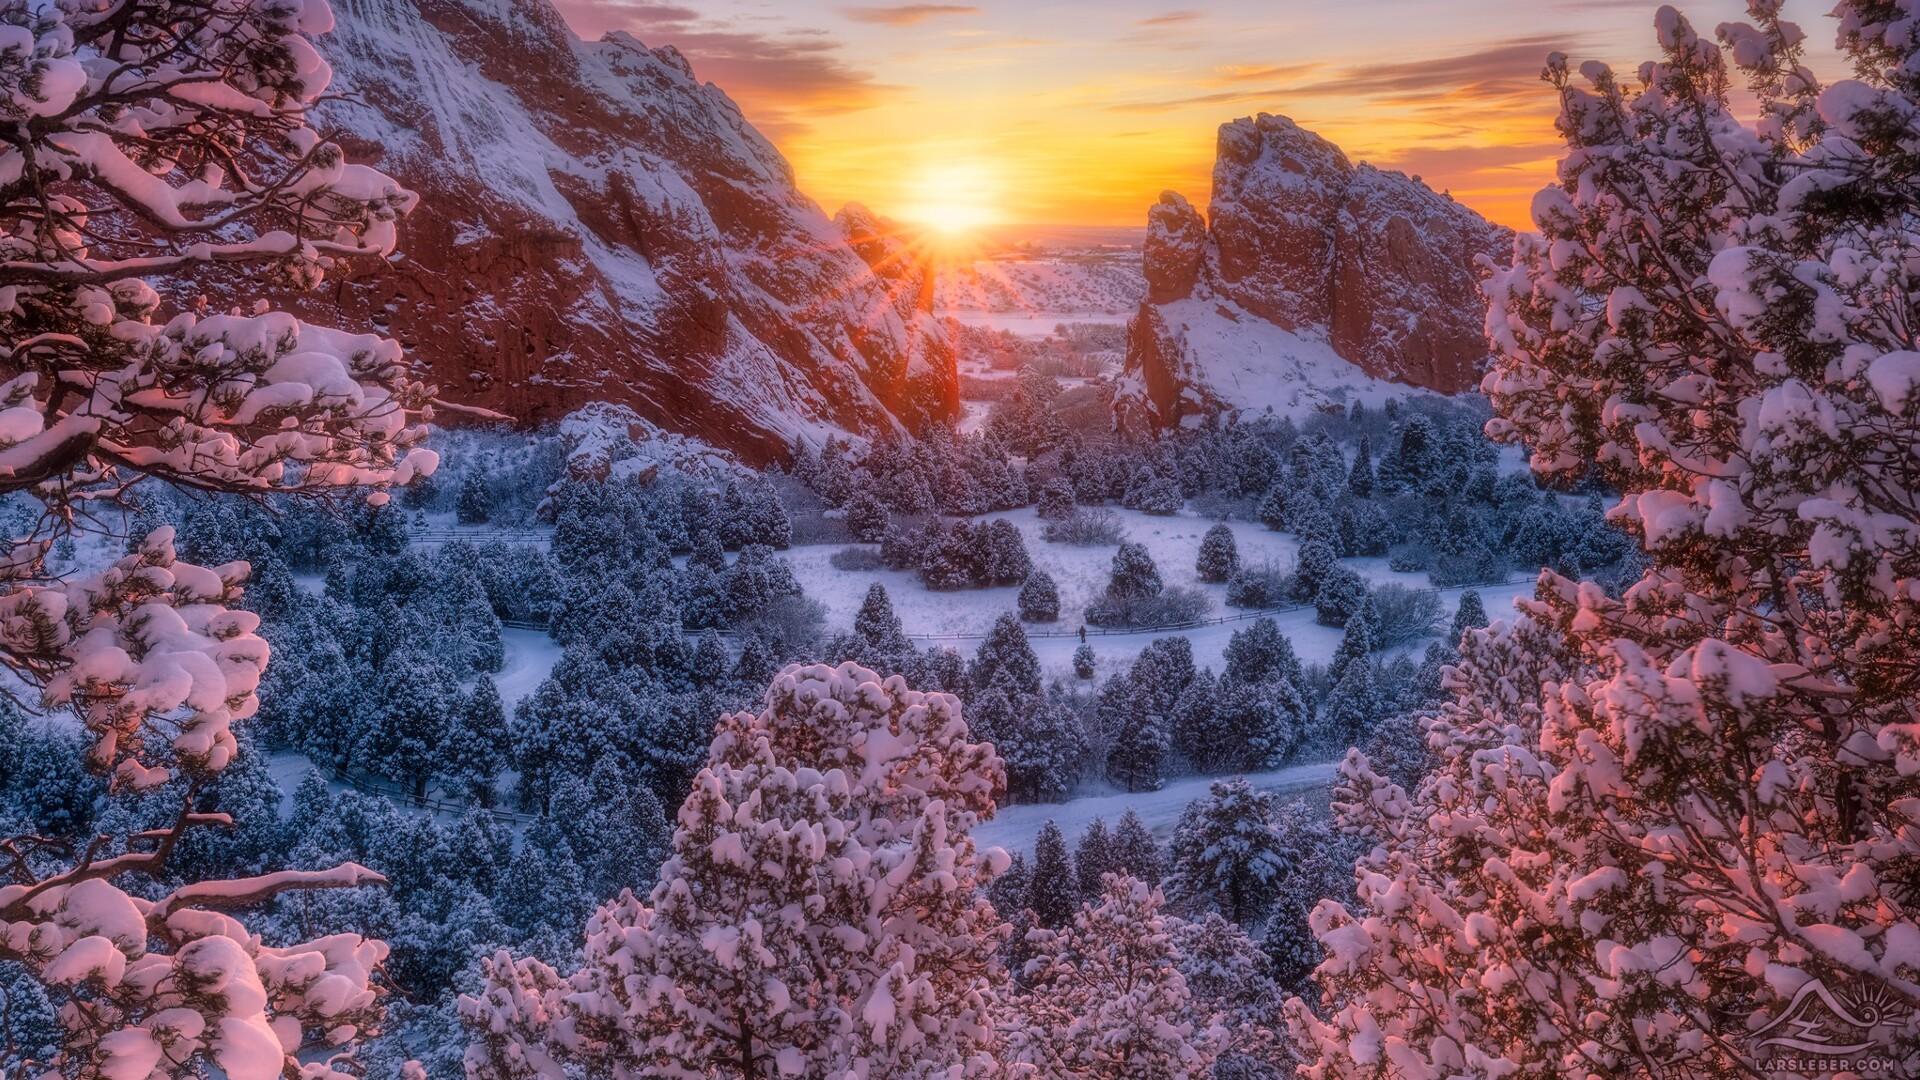 Garden of the Gods Sunrise Lars Leber Photography.jpg